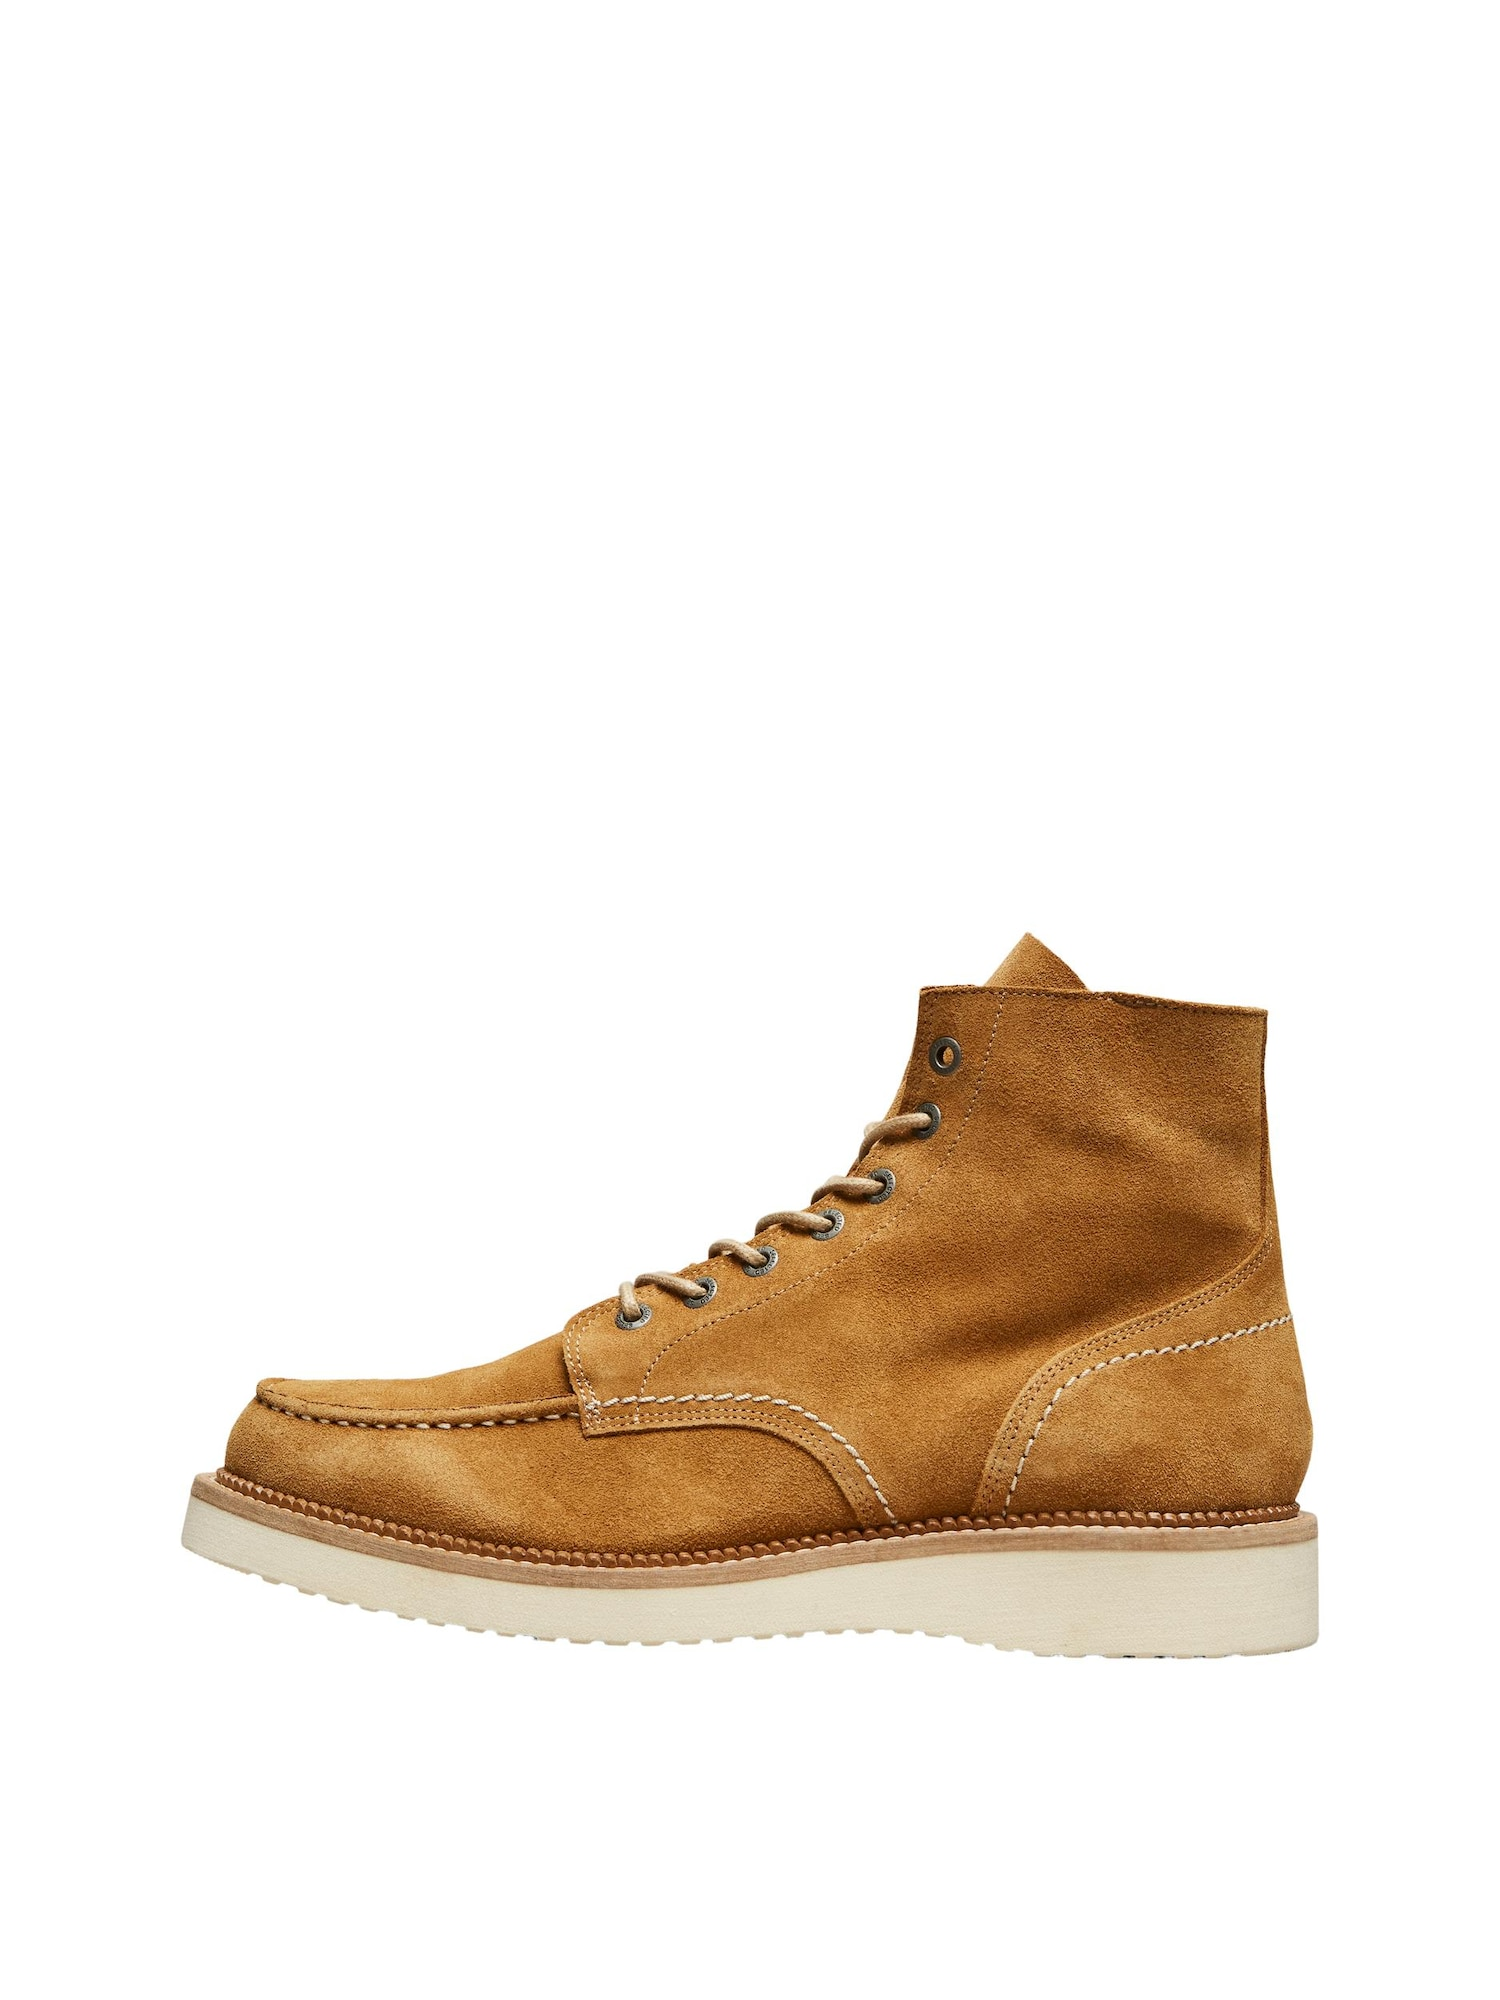 SELECTED HOMME Auliniai batai su raišteliais